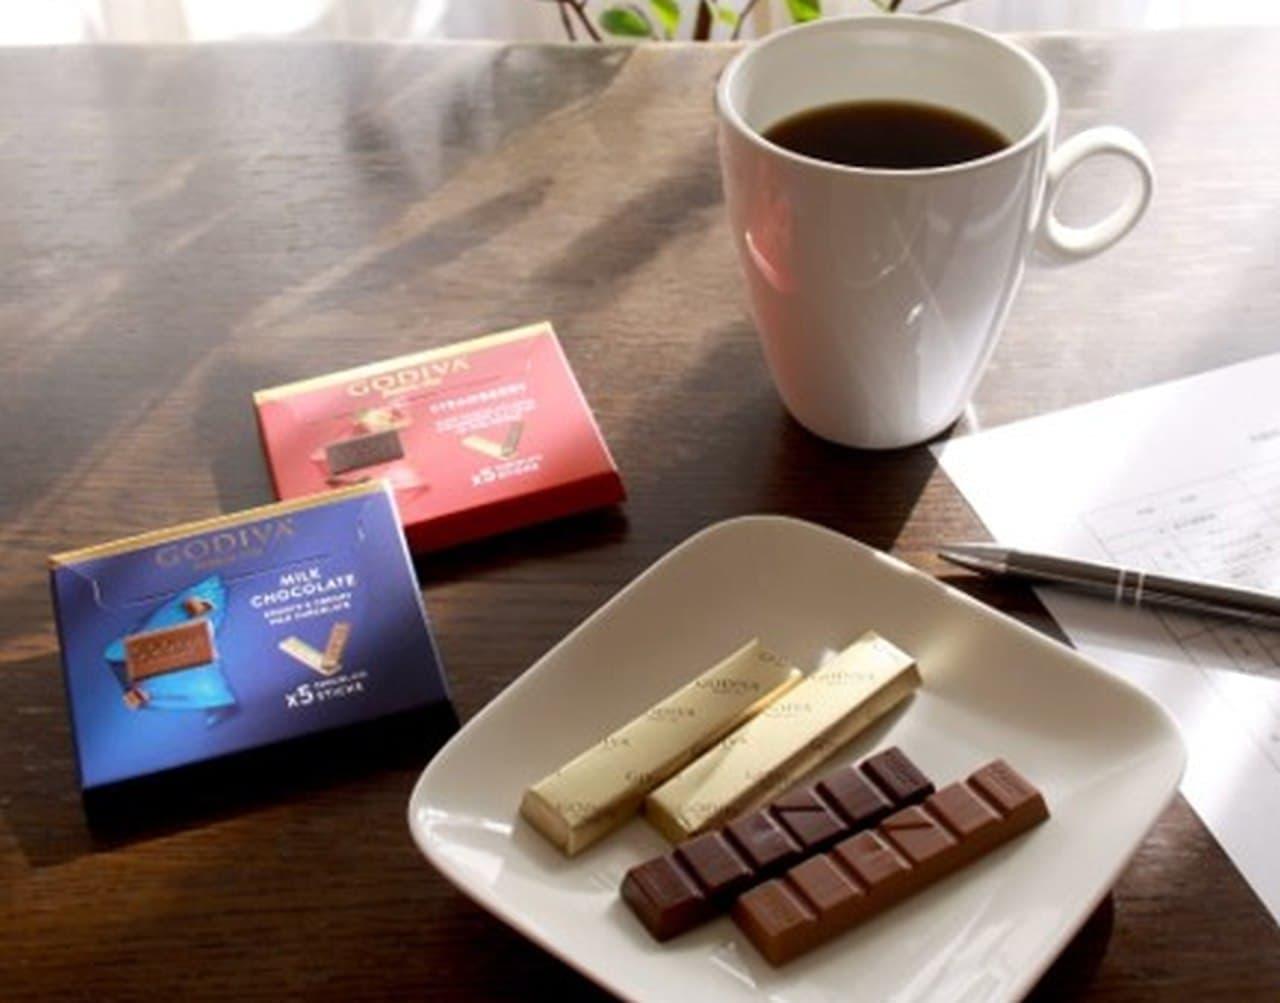 コンビニエンスストアに「ゴディバ ミルクチョコレート」、「ゴディバ ストロベリー」